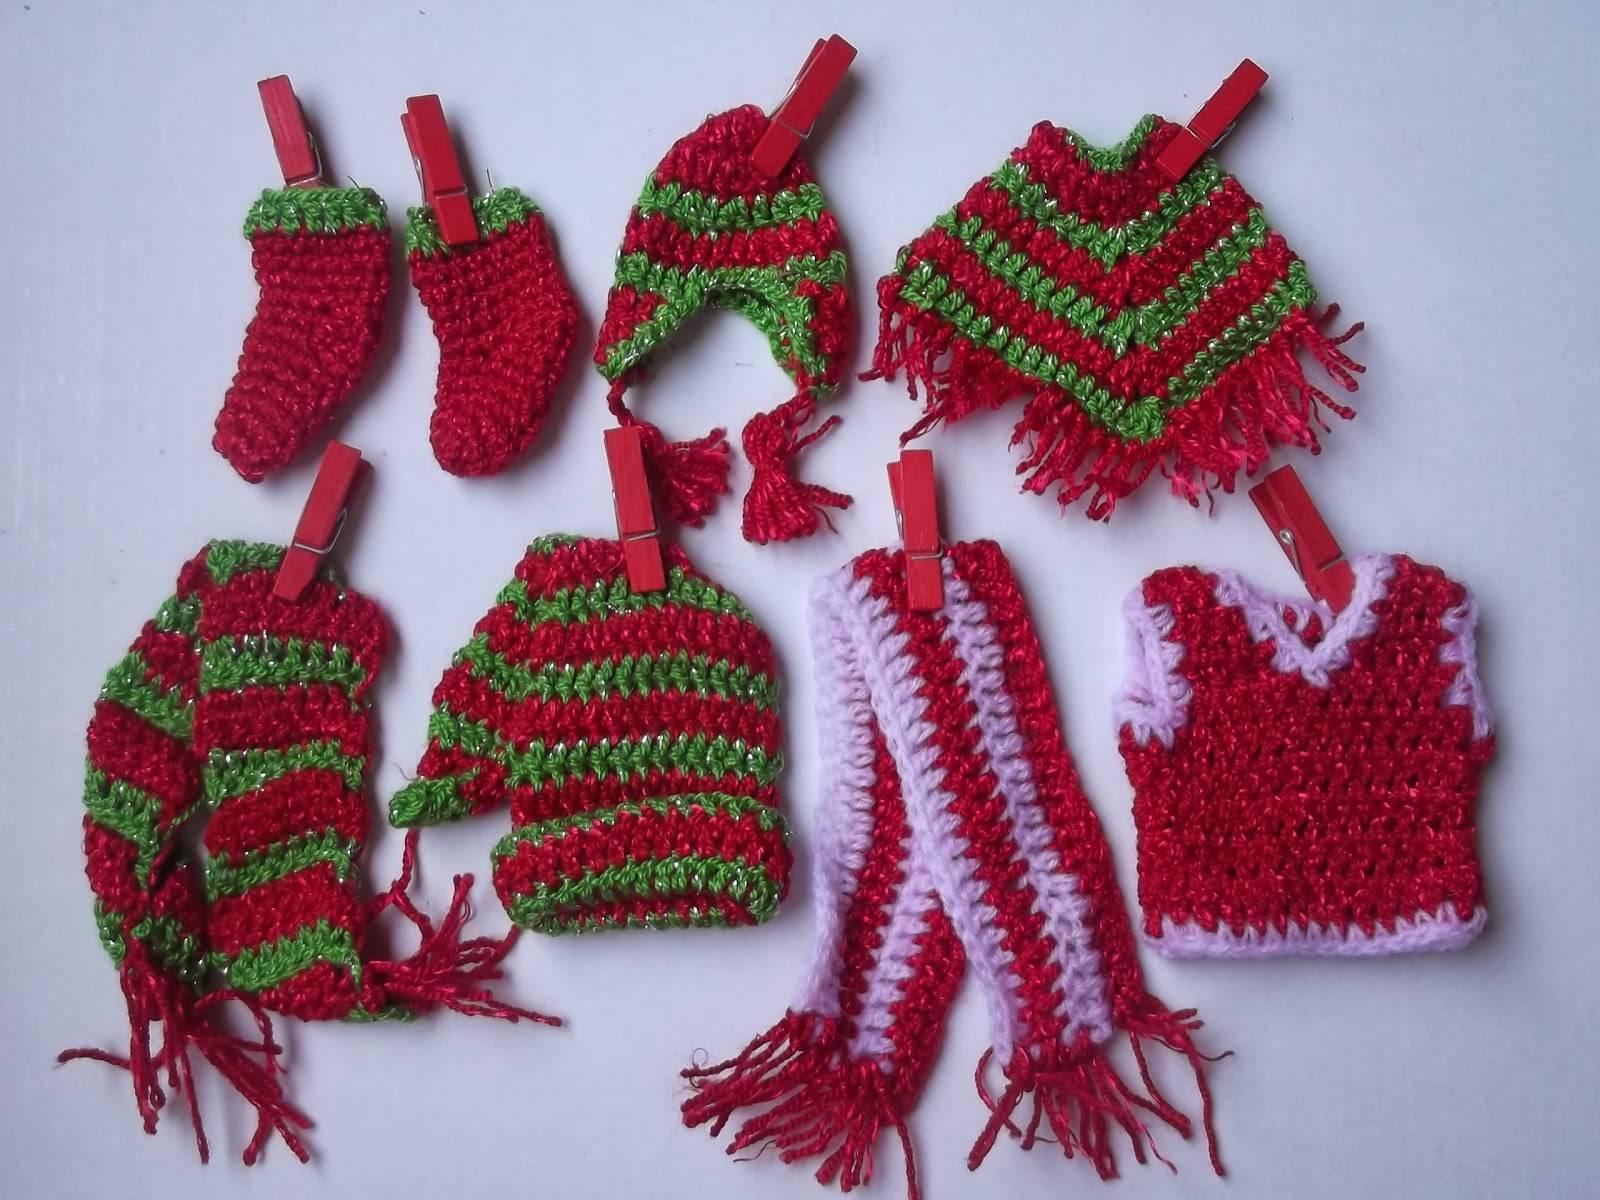 Adornos navide os tejidos a crochet paso a paso - Como realizar adornos navidenos ...